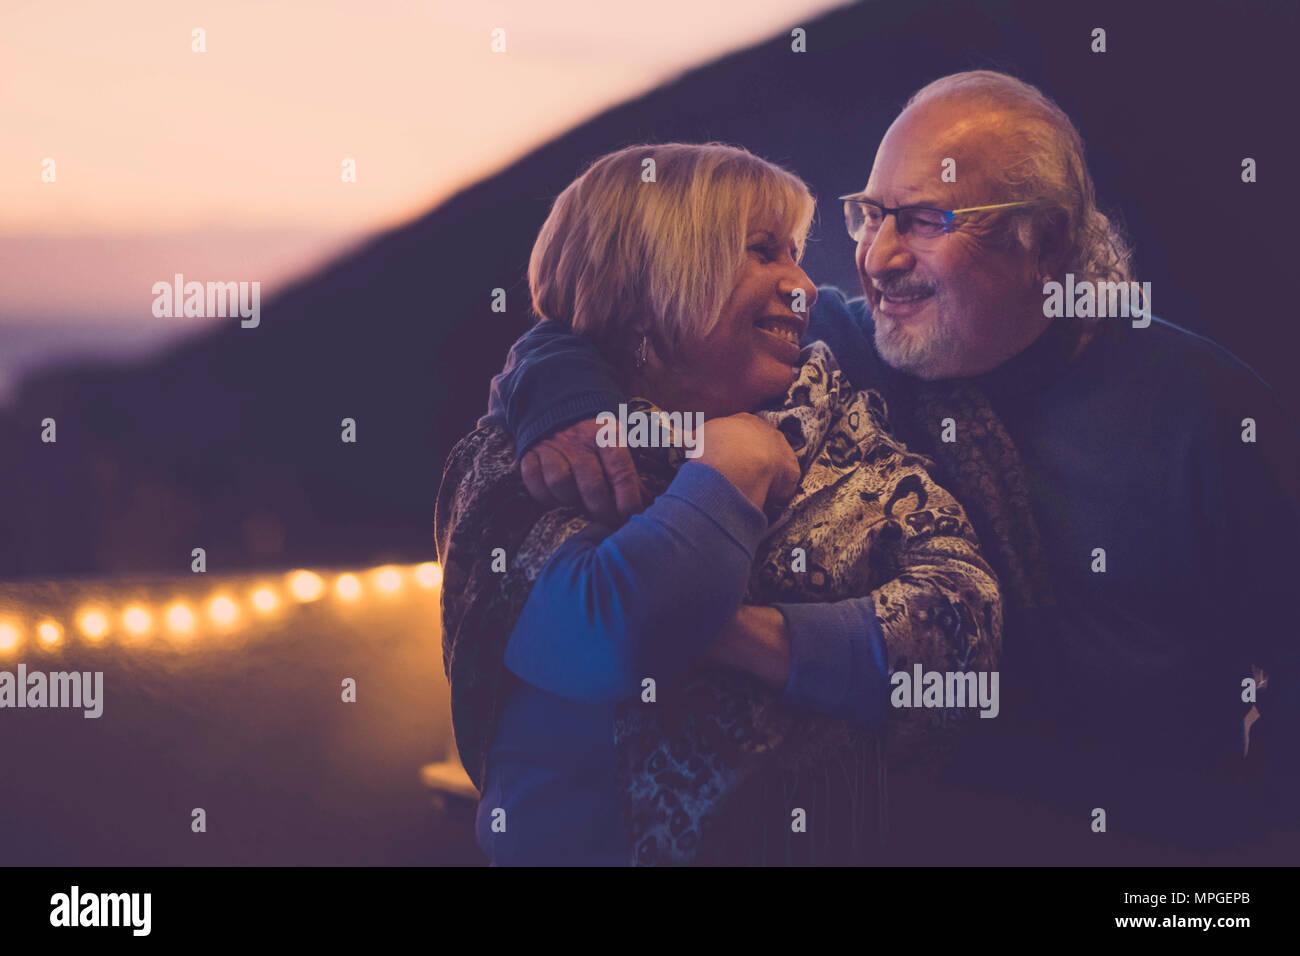 L'homme et la femme hauts là haut dans l'amour de hug et avoir du plaisir en souriant sur le toit en vacances au pays. nuit lumière de scène romantique atmosphère. t Photo Stock